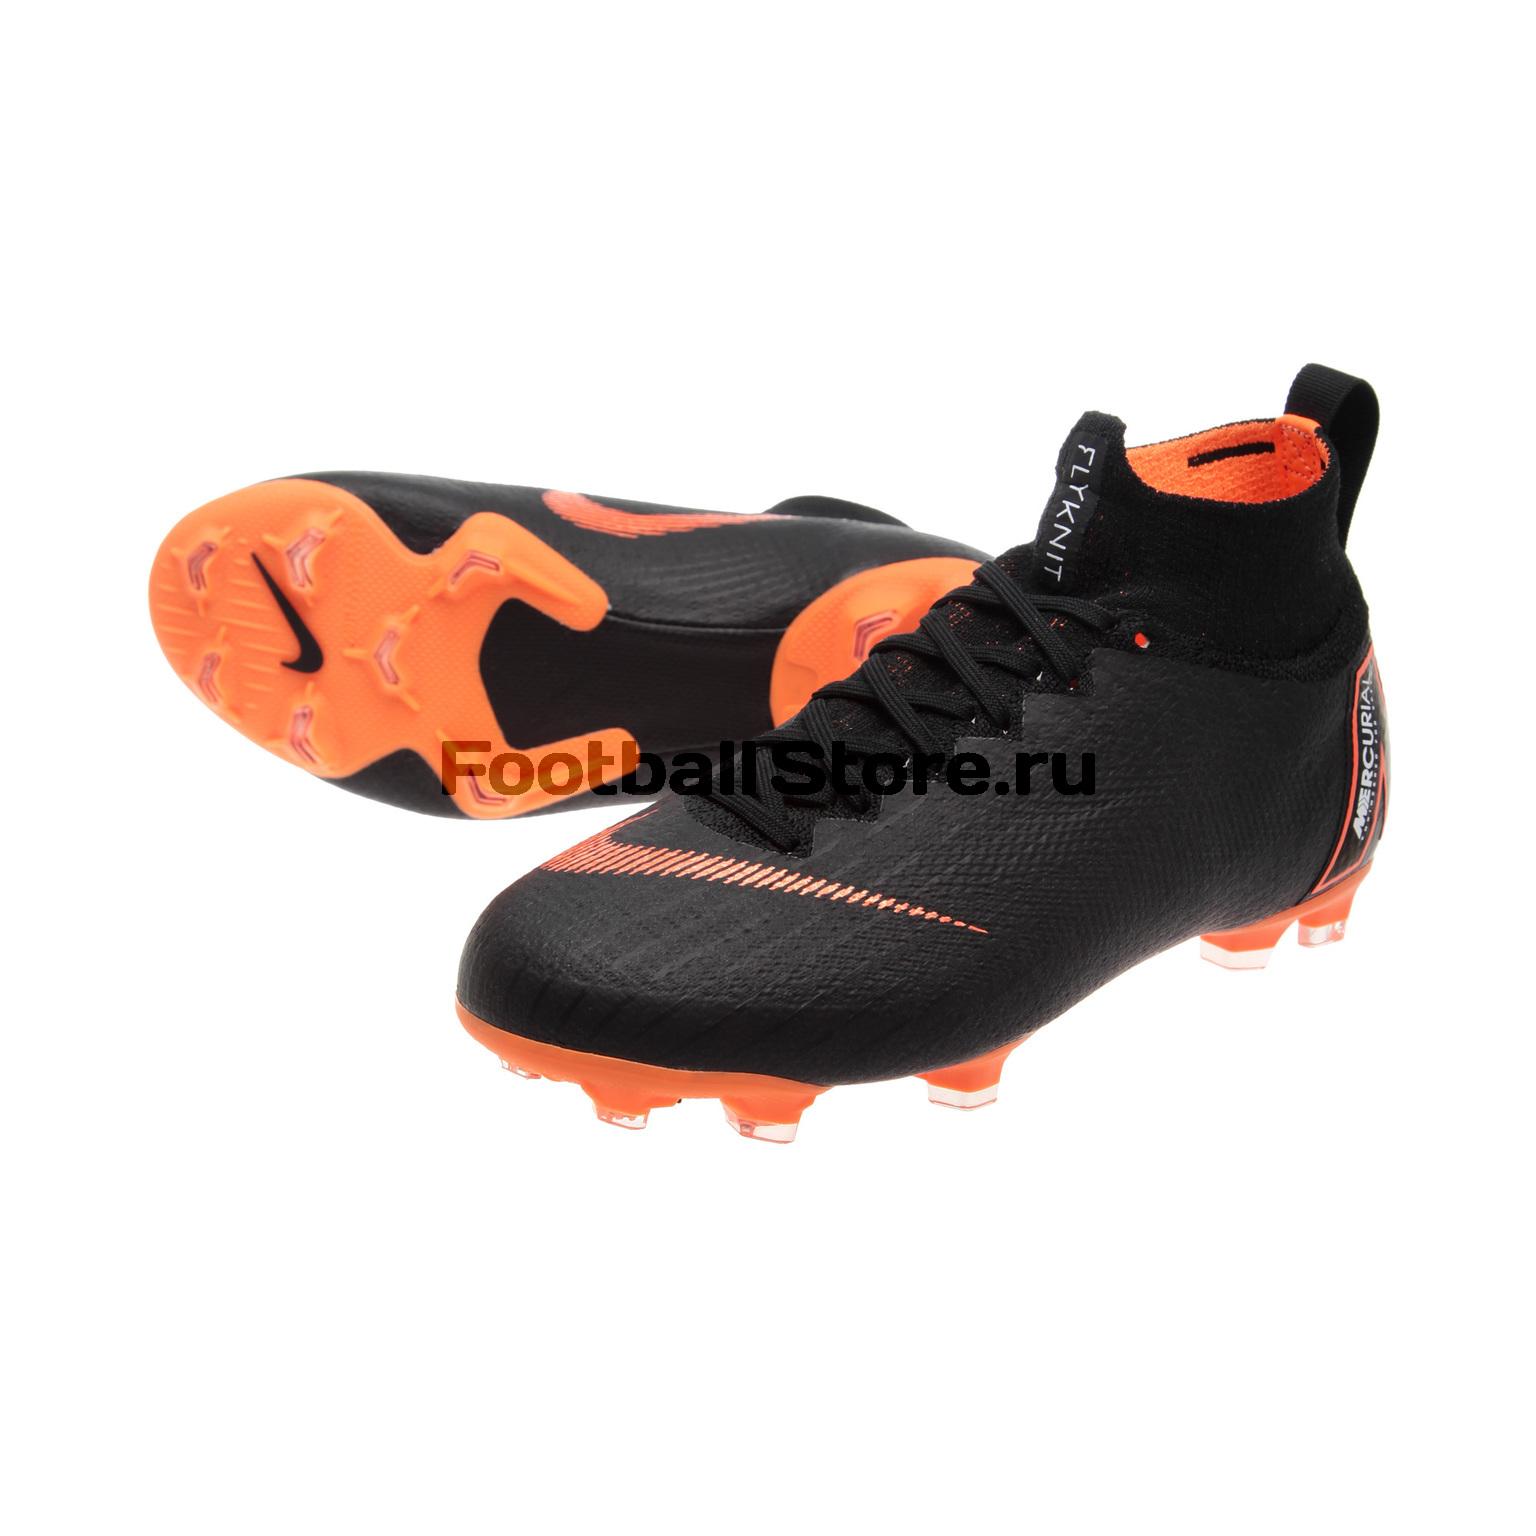 2ae32914 Бутсы детские Nike Superfly 6 Elite FG AH7340-081 – купить в ...